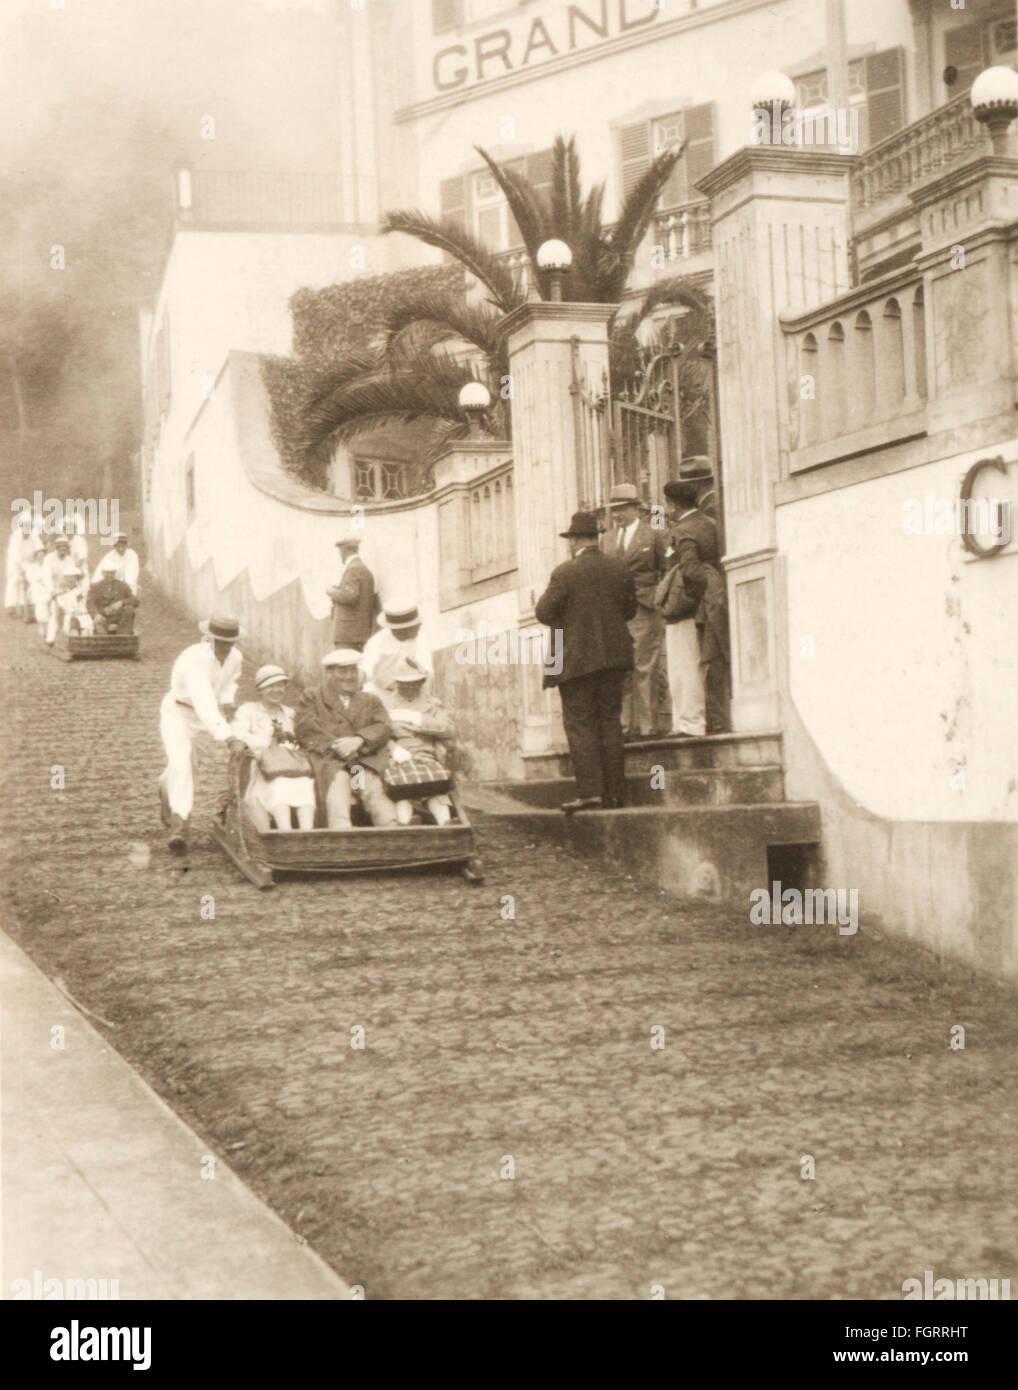 Géographie / Voyage, Portugal, isle Madeira, les gens, les touristes sont poussés le long de la rue dans un traîneau, Banque D'Images